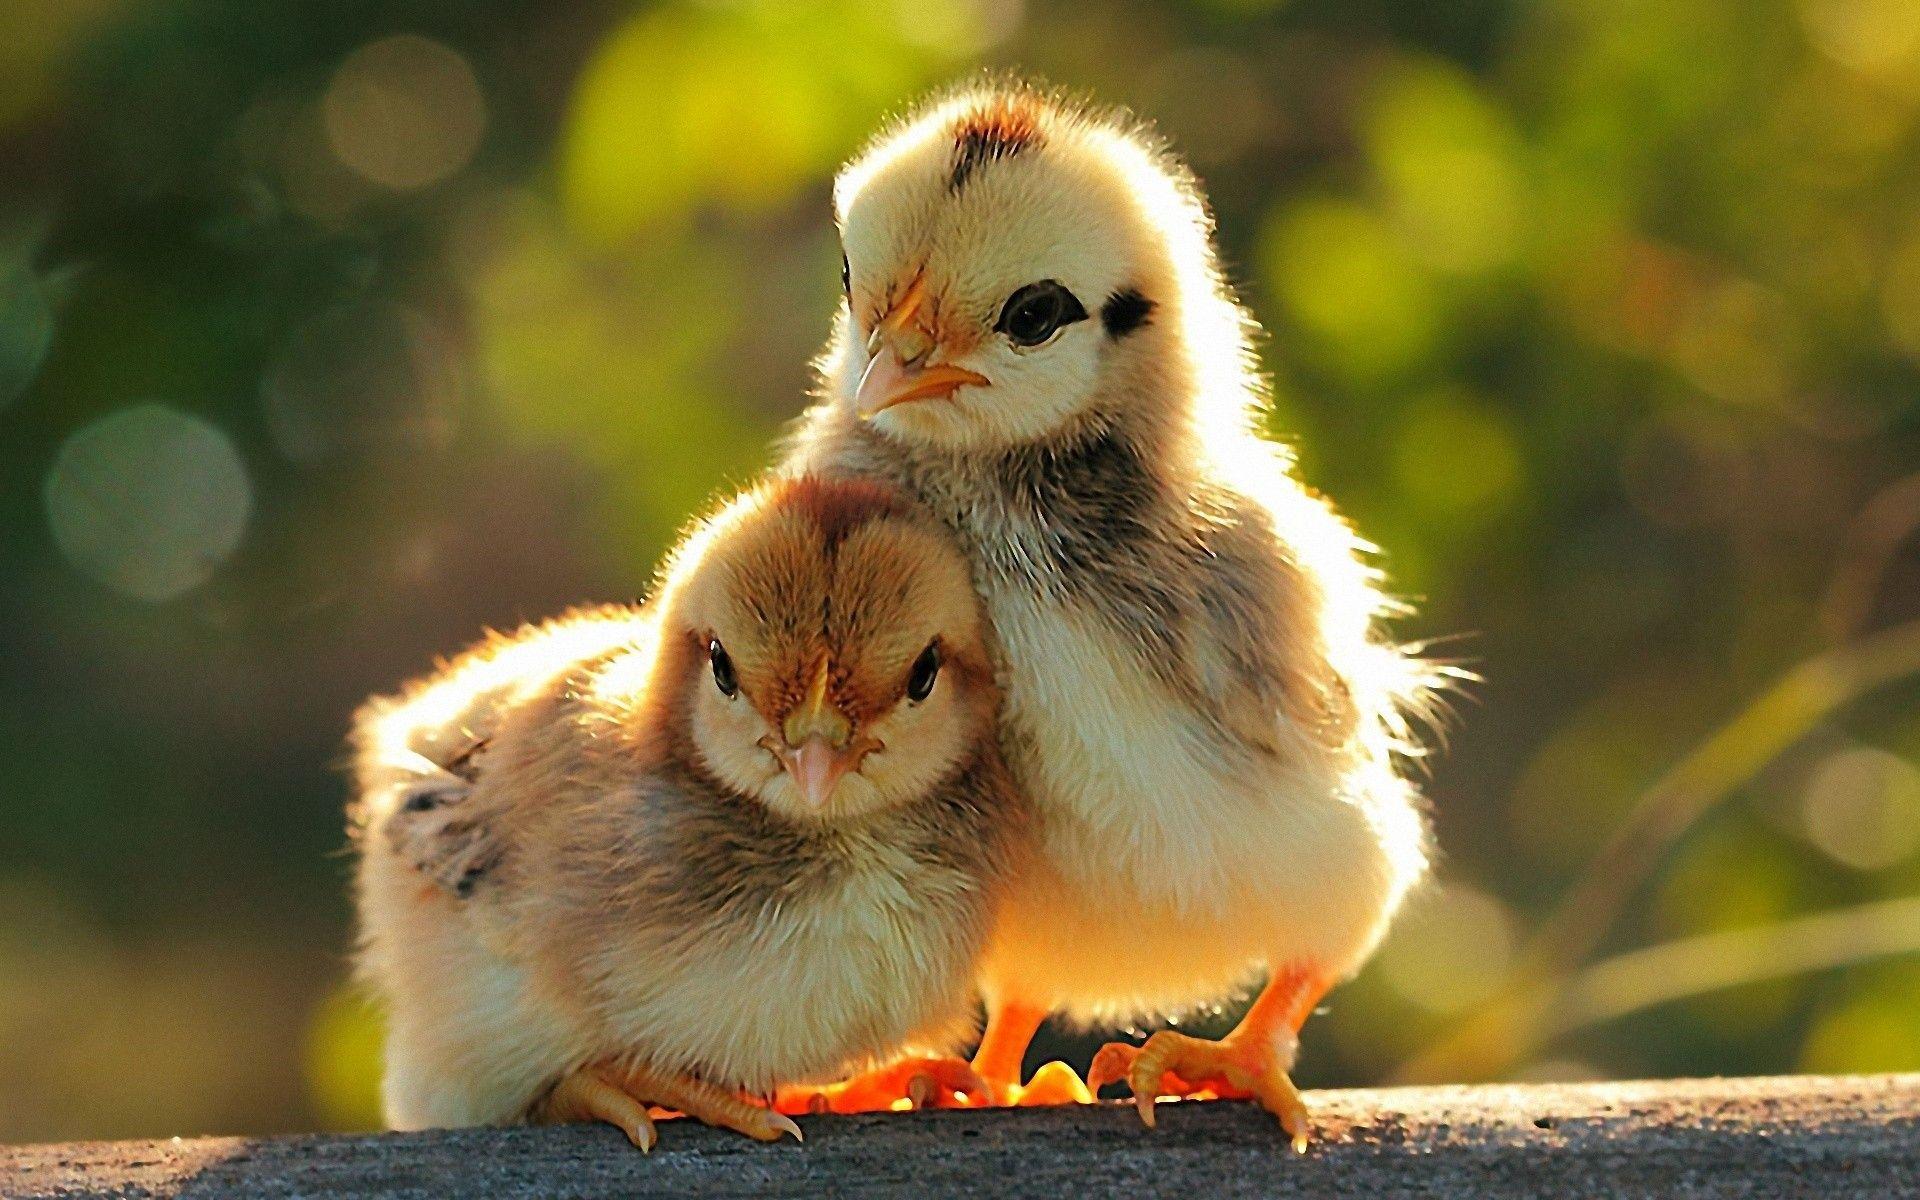 Animales, Aves Hermosas Y Fotos De